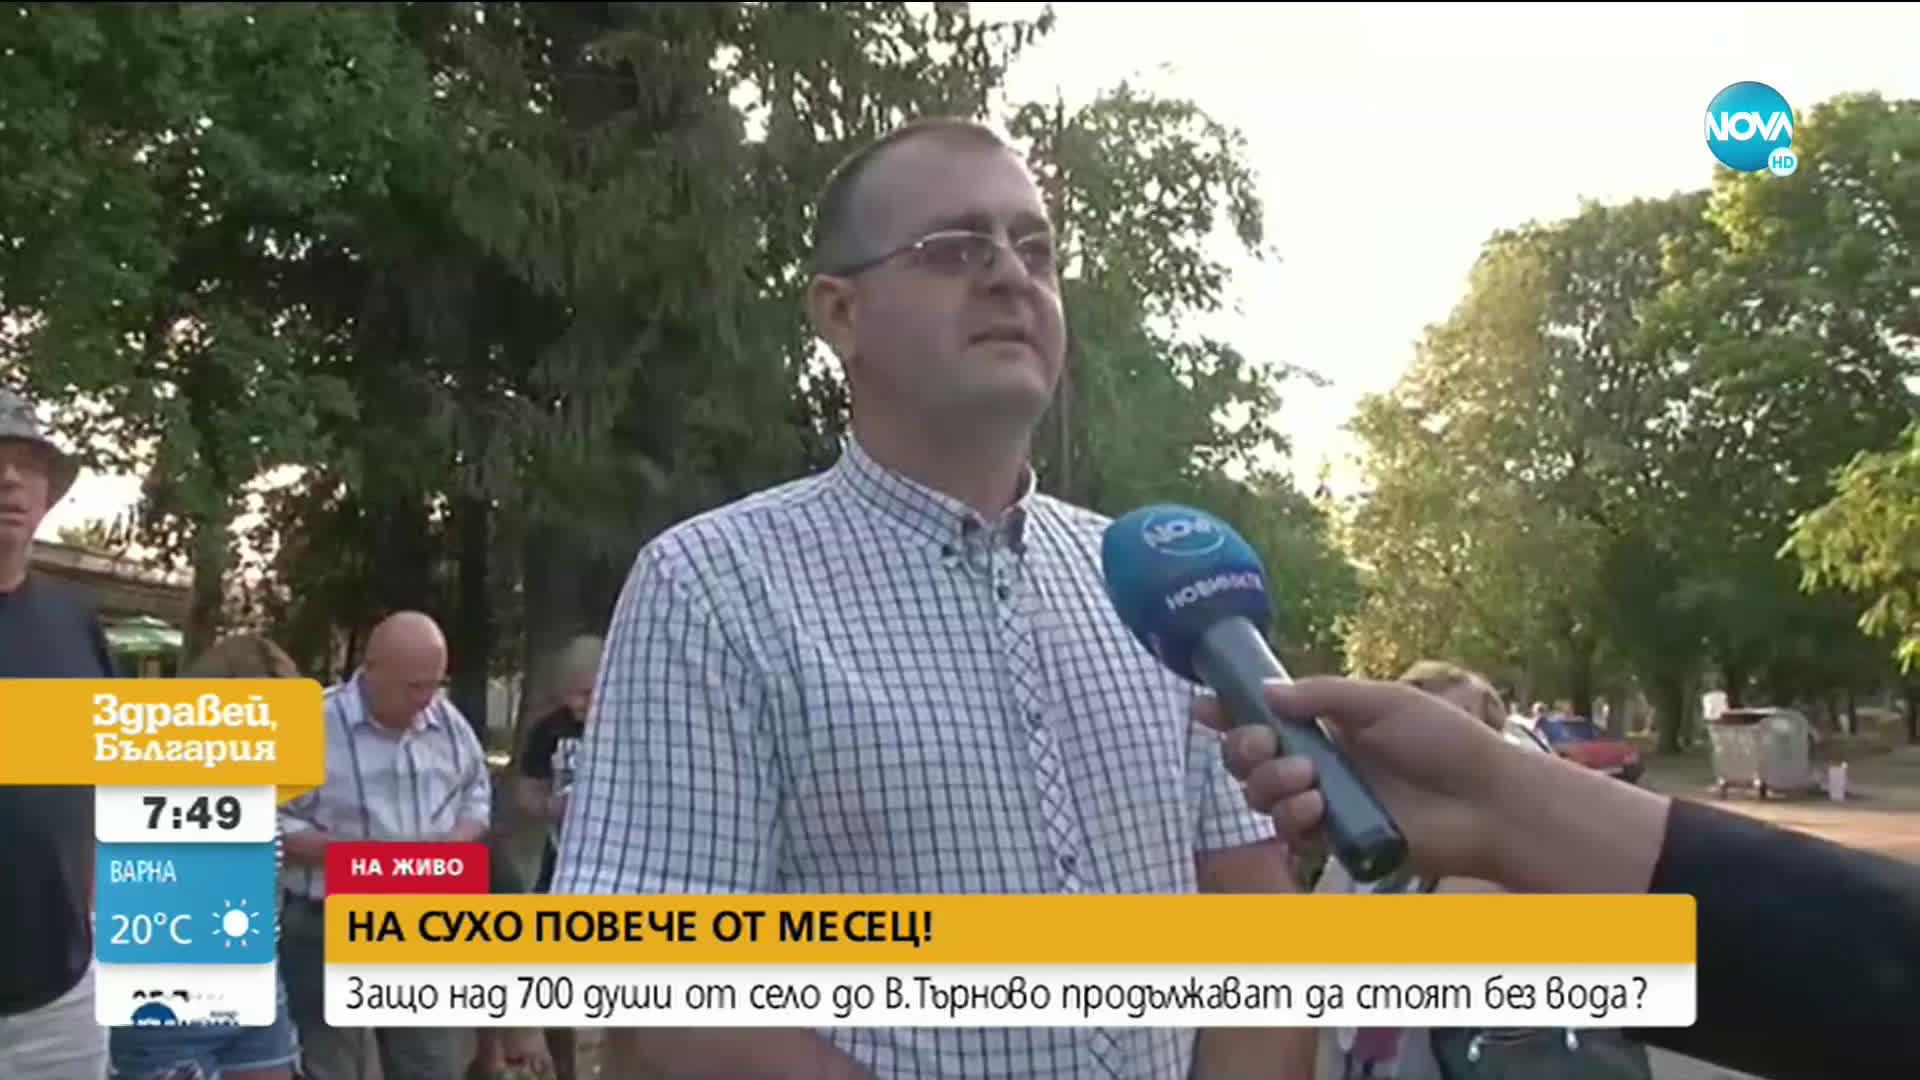 Защо над 700 души от село до В. Търново продължават да стоят без вода?